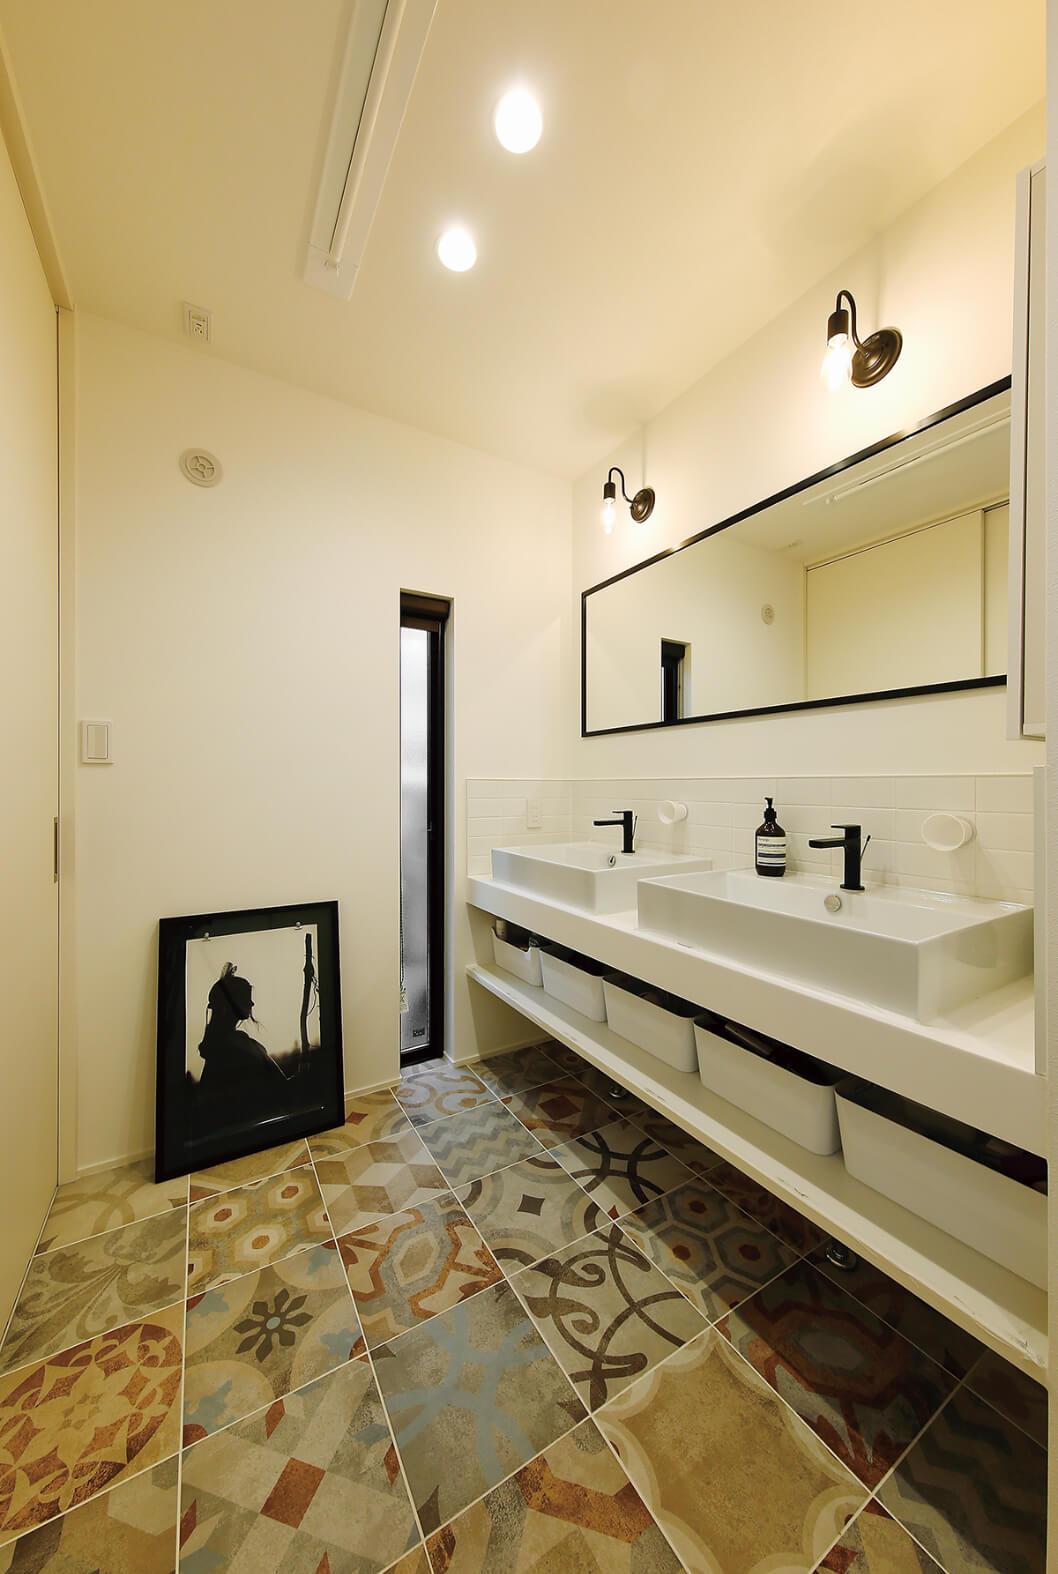 こだわりのタイルで仕上げた洗面は、ホテルライクな空間に。